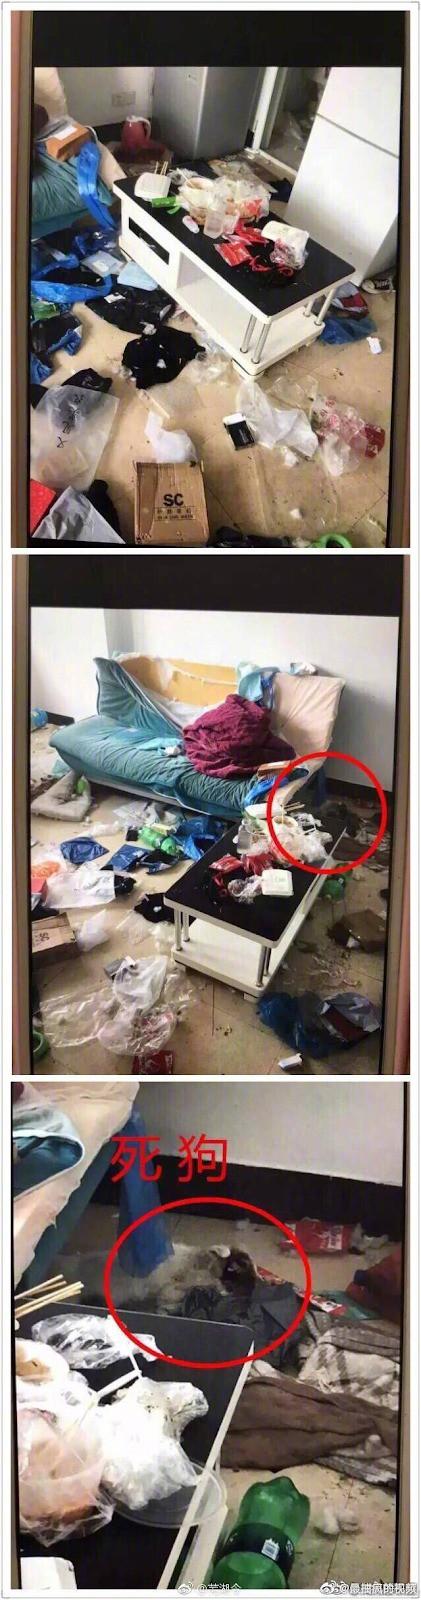 Cảnh tượng khủng khiếp: Thiếu nữ 20 tuổi thuê căn hộ và sống chung với rác cùng phân động vật khiến ai cũng rùng mình - Ảnh 4.